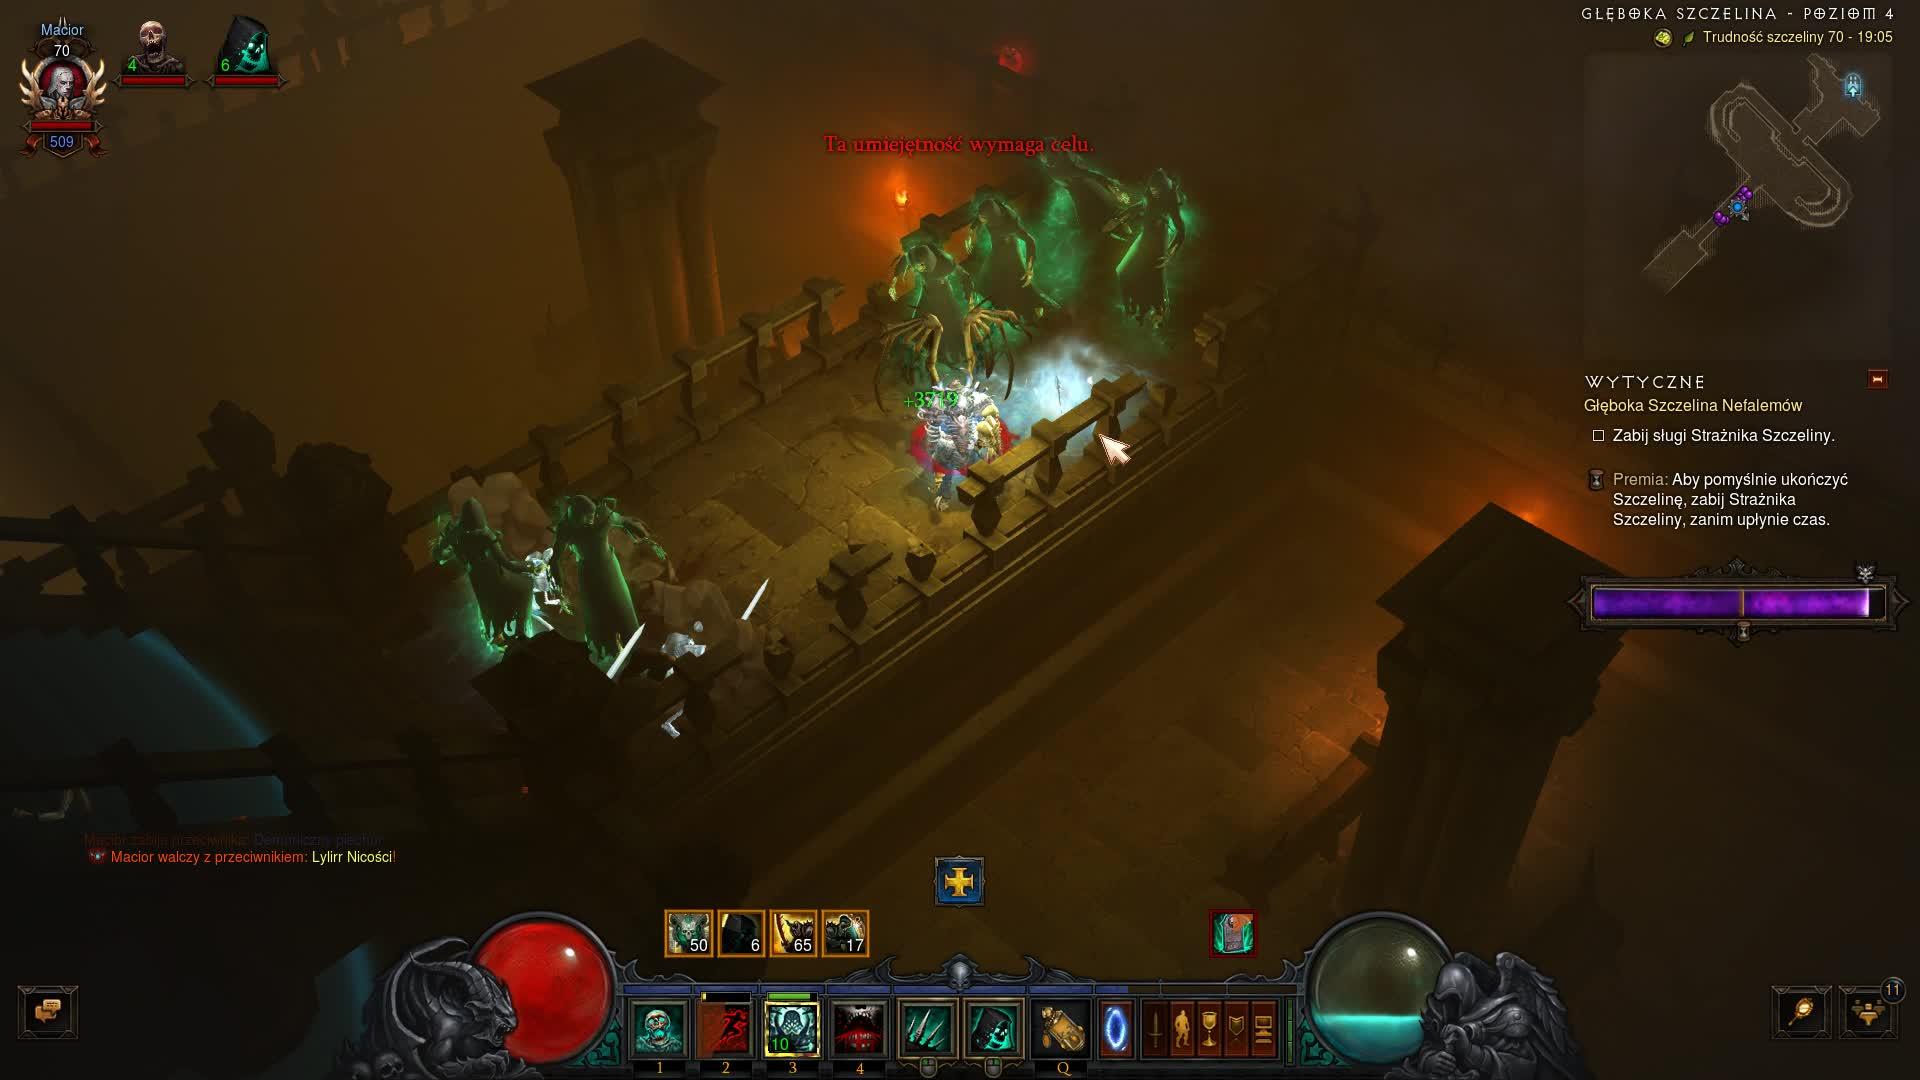 Diablo III GIFs